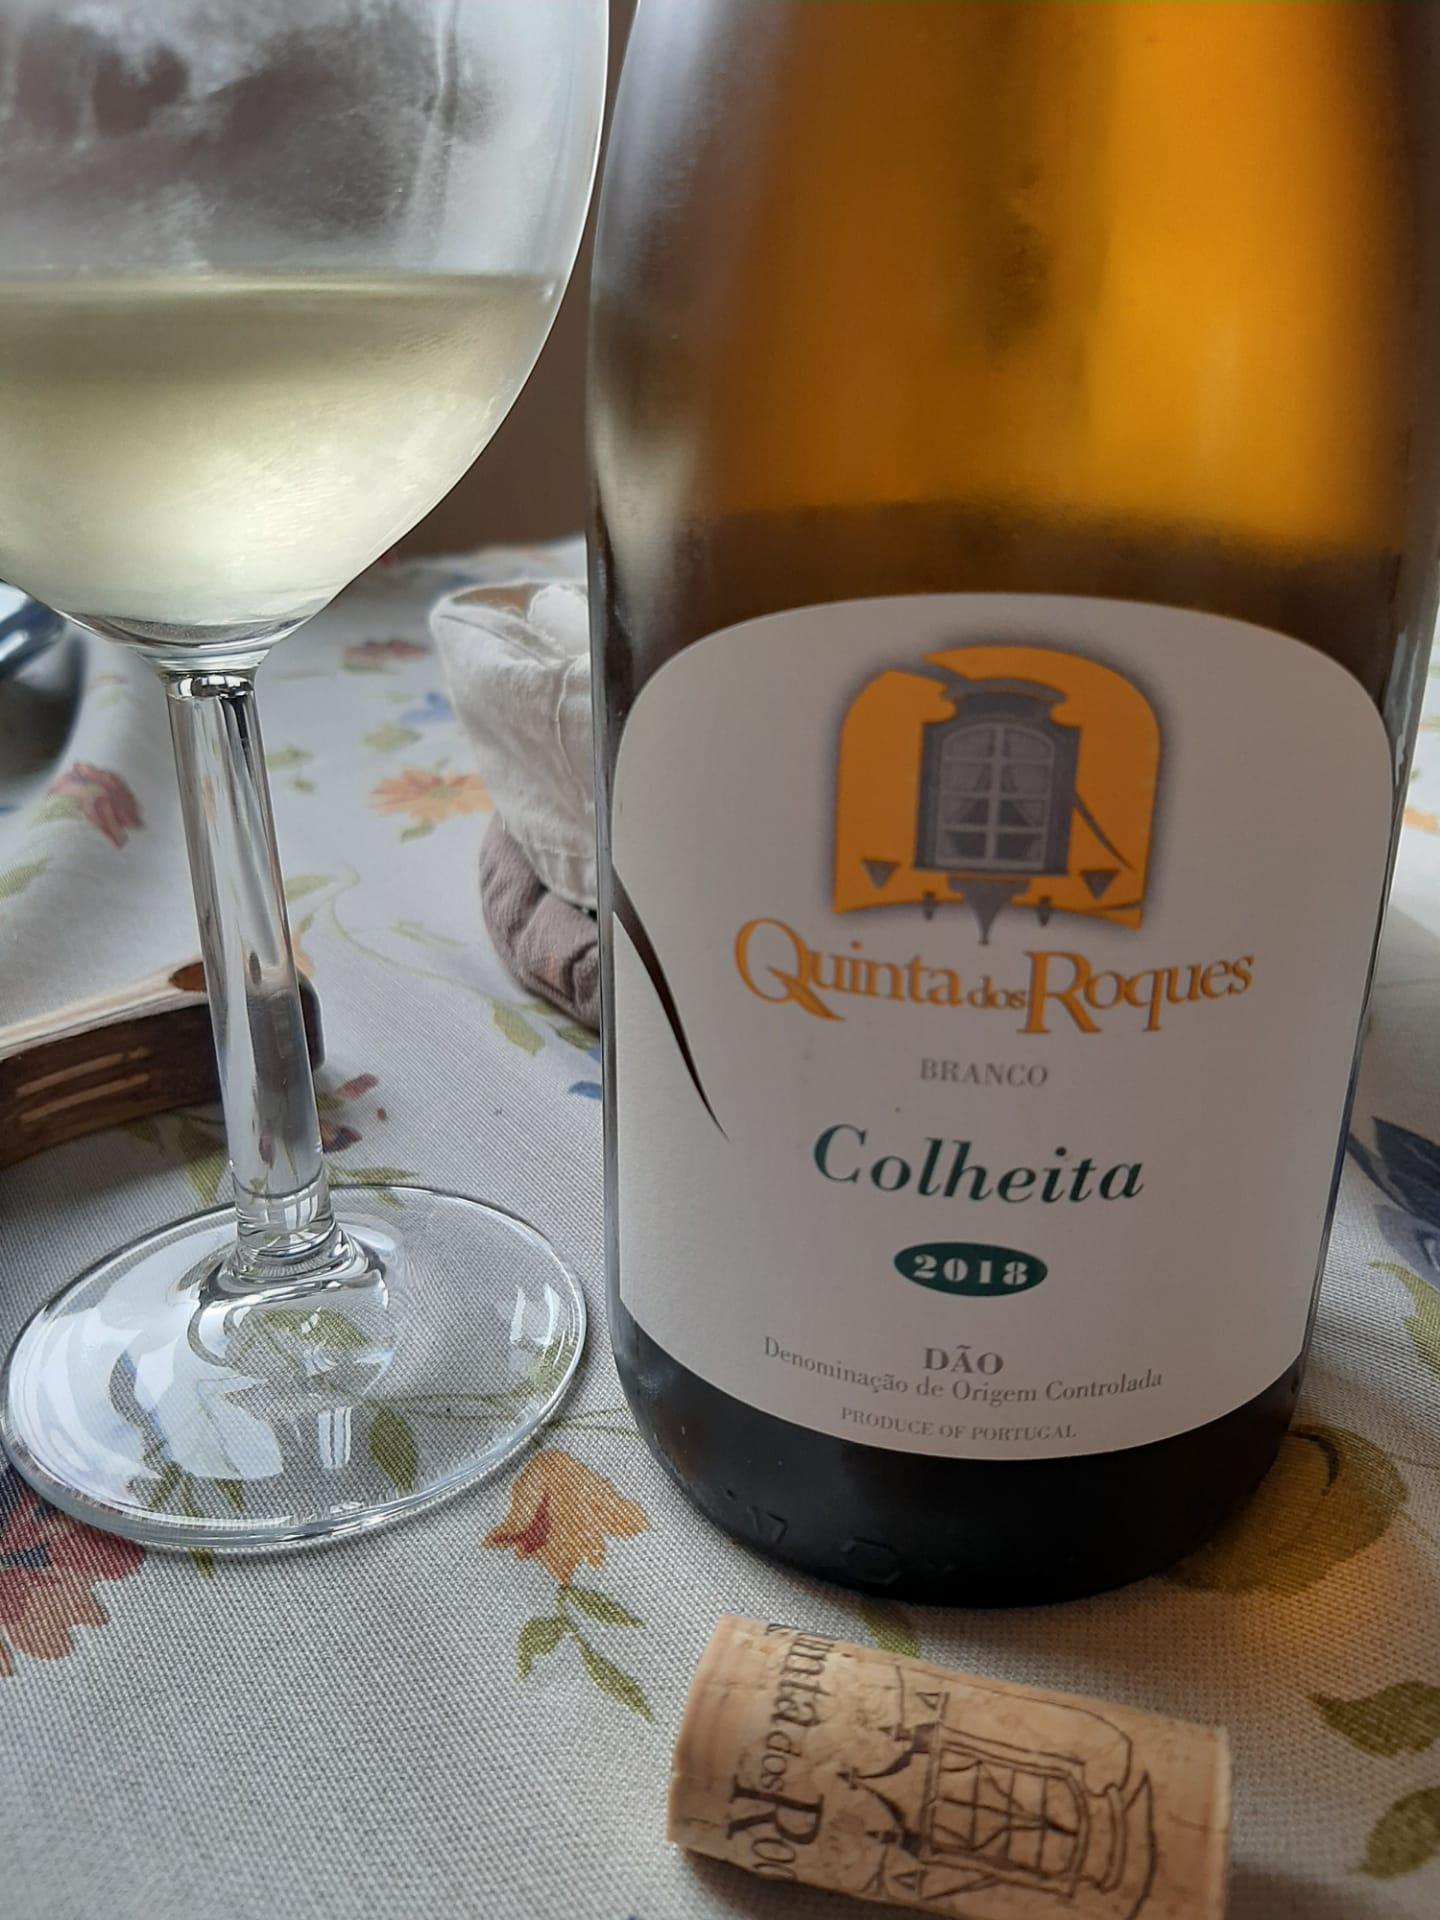 Restaurante Stramuntana – Soto Antigo e Quinta dos Roques Branco 2018